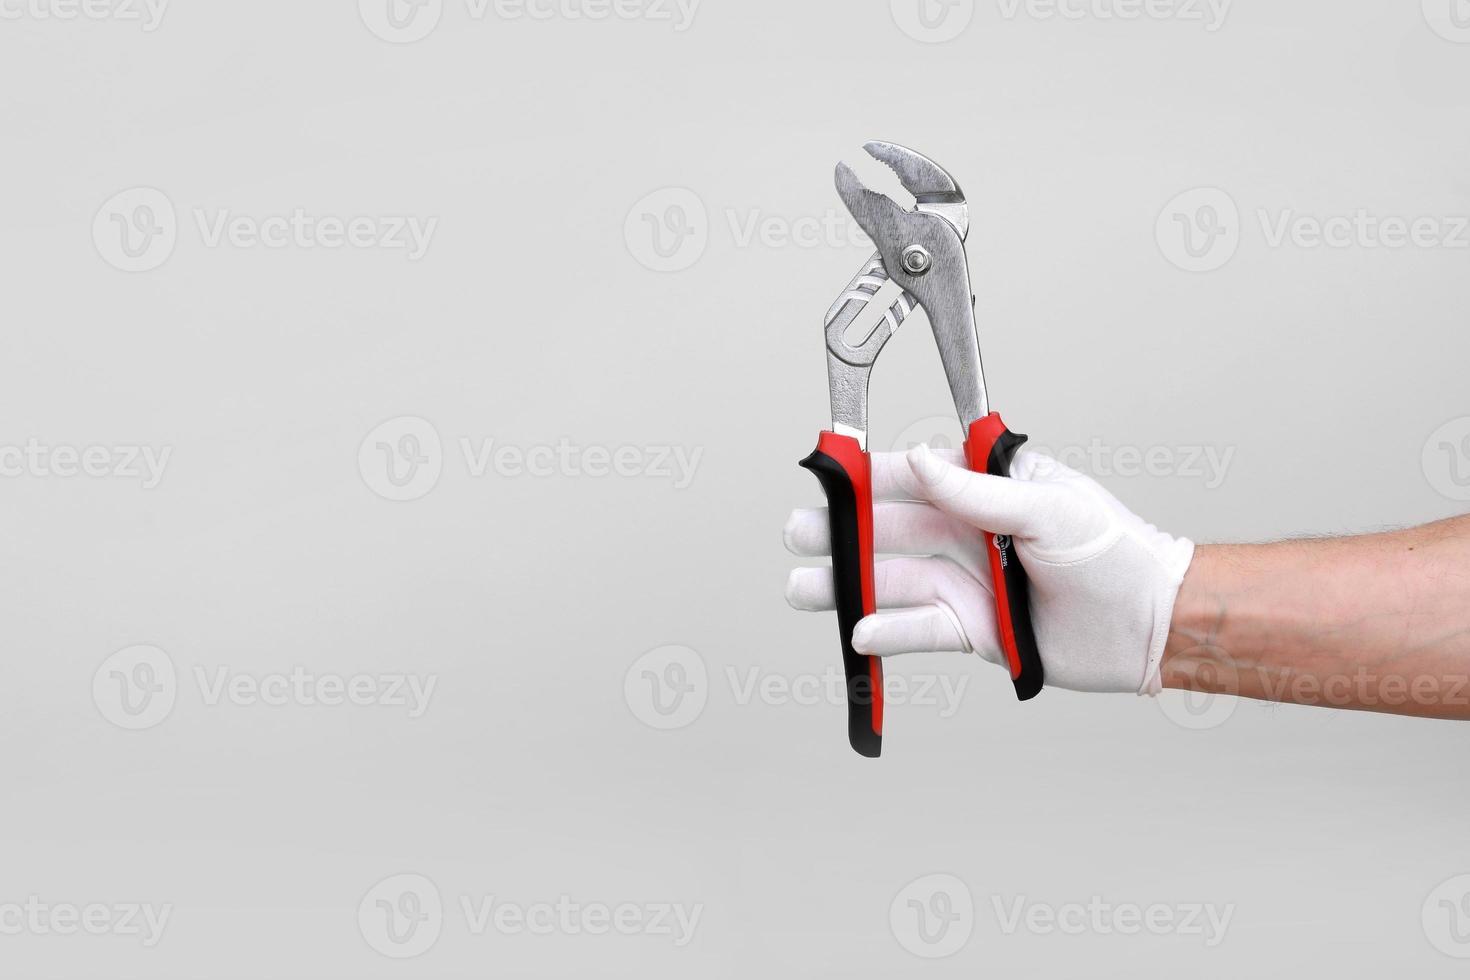 Mans Hand in weißem Handschuh angehoben hält eine schwarze und rote Werkzeugzange, Drahtschneider. isoliert auf weißem Hintergrund. offene, saubere, schneidfertige Form. Kopienraum modellieren foto